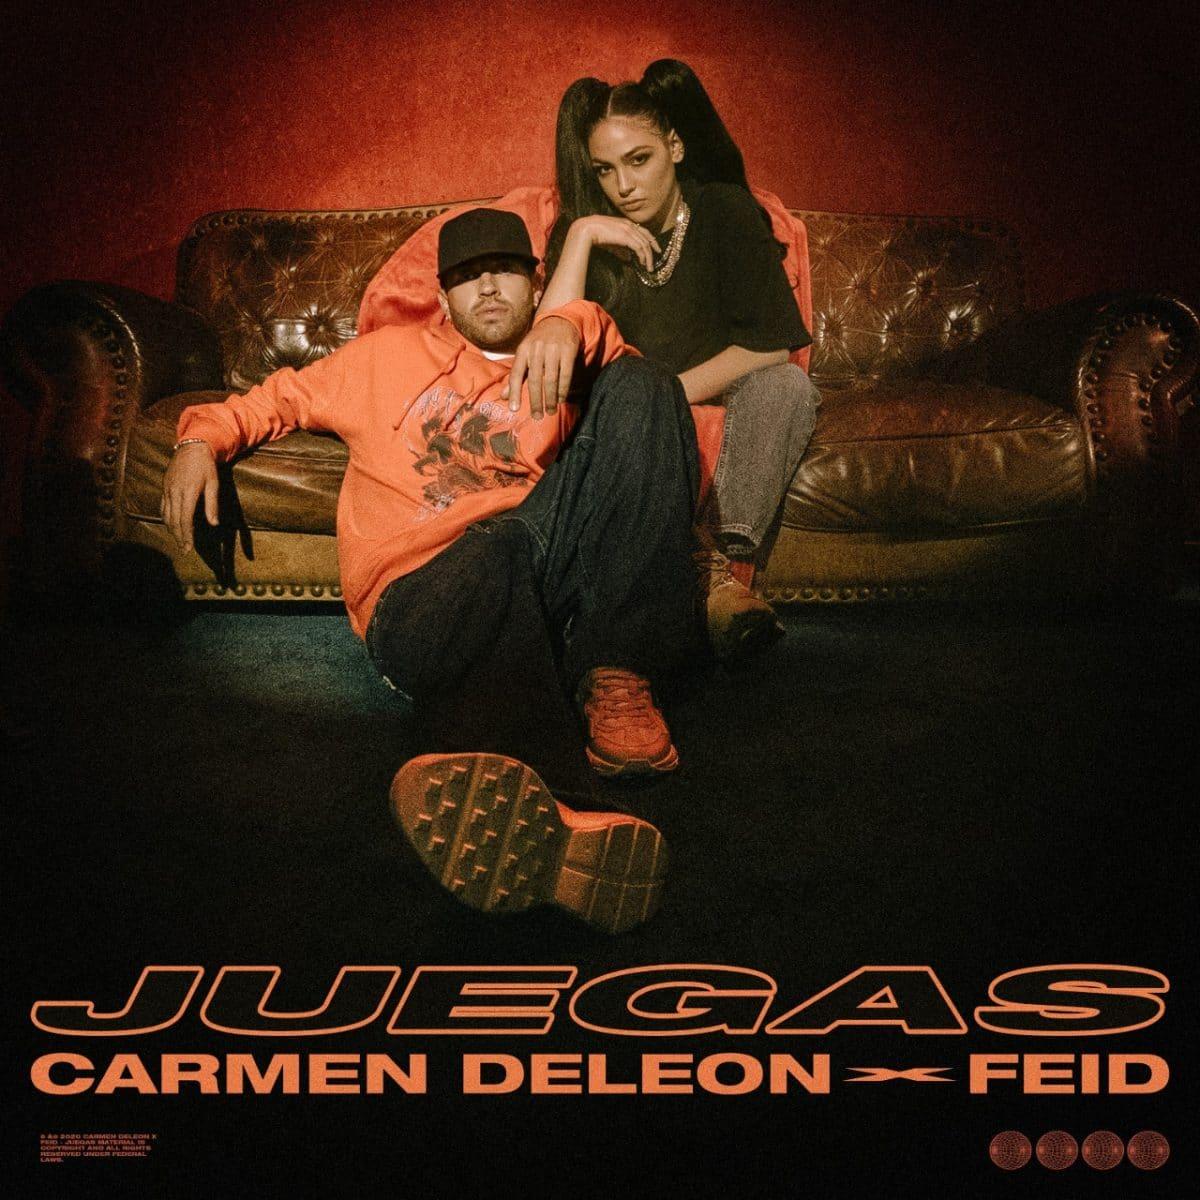 'Juegas' nuevo sencillo de la cantante Carmen DeLeon y el artista colombiano Feid